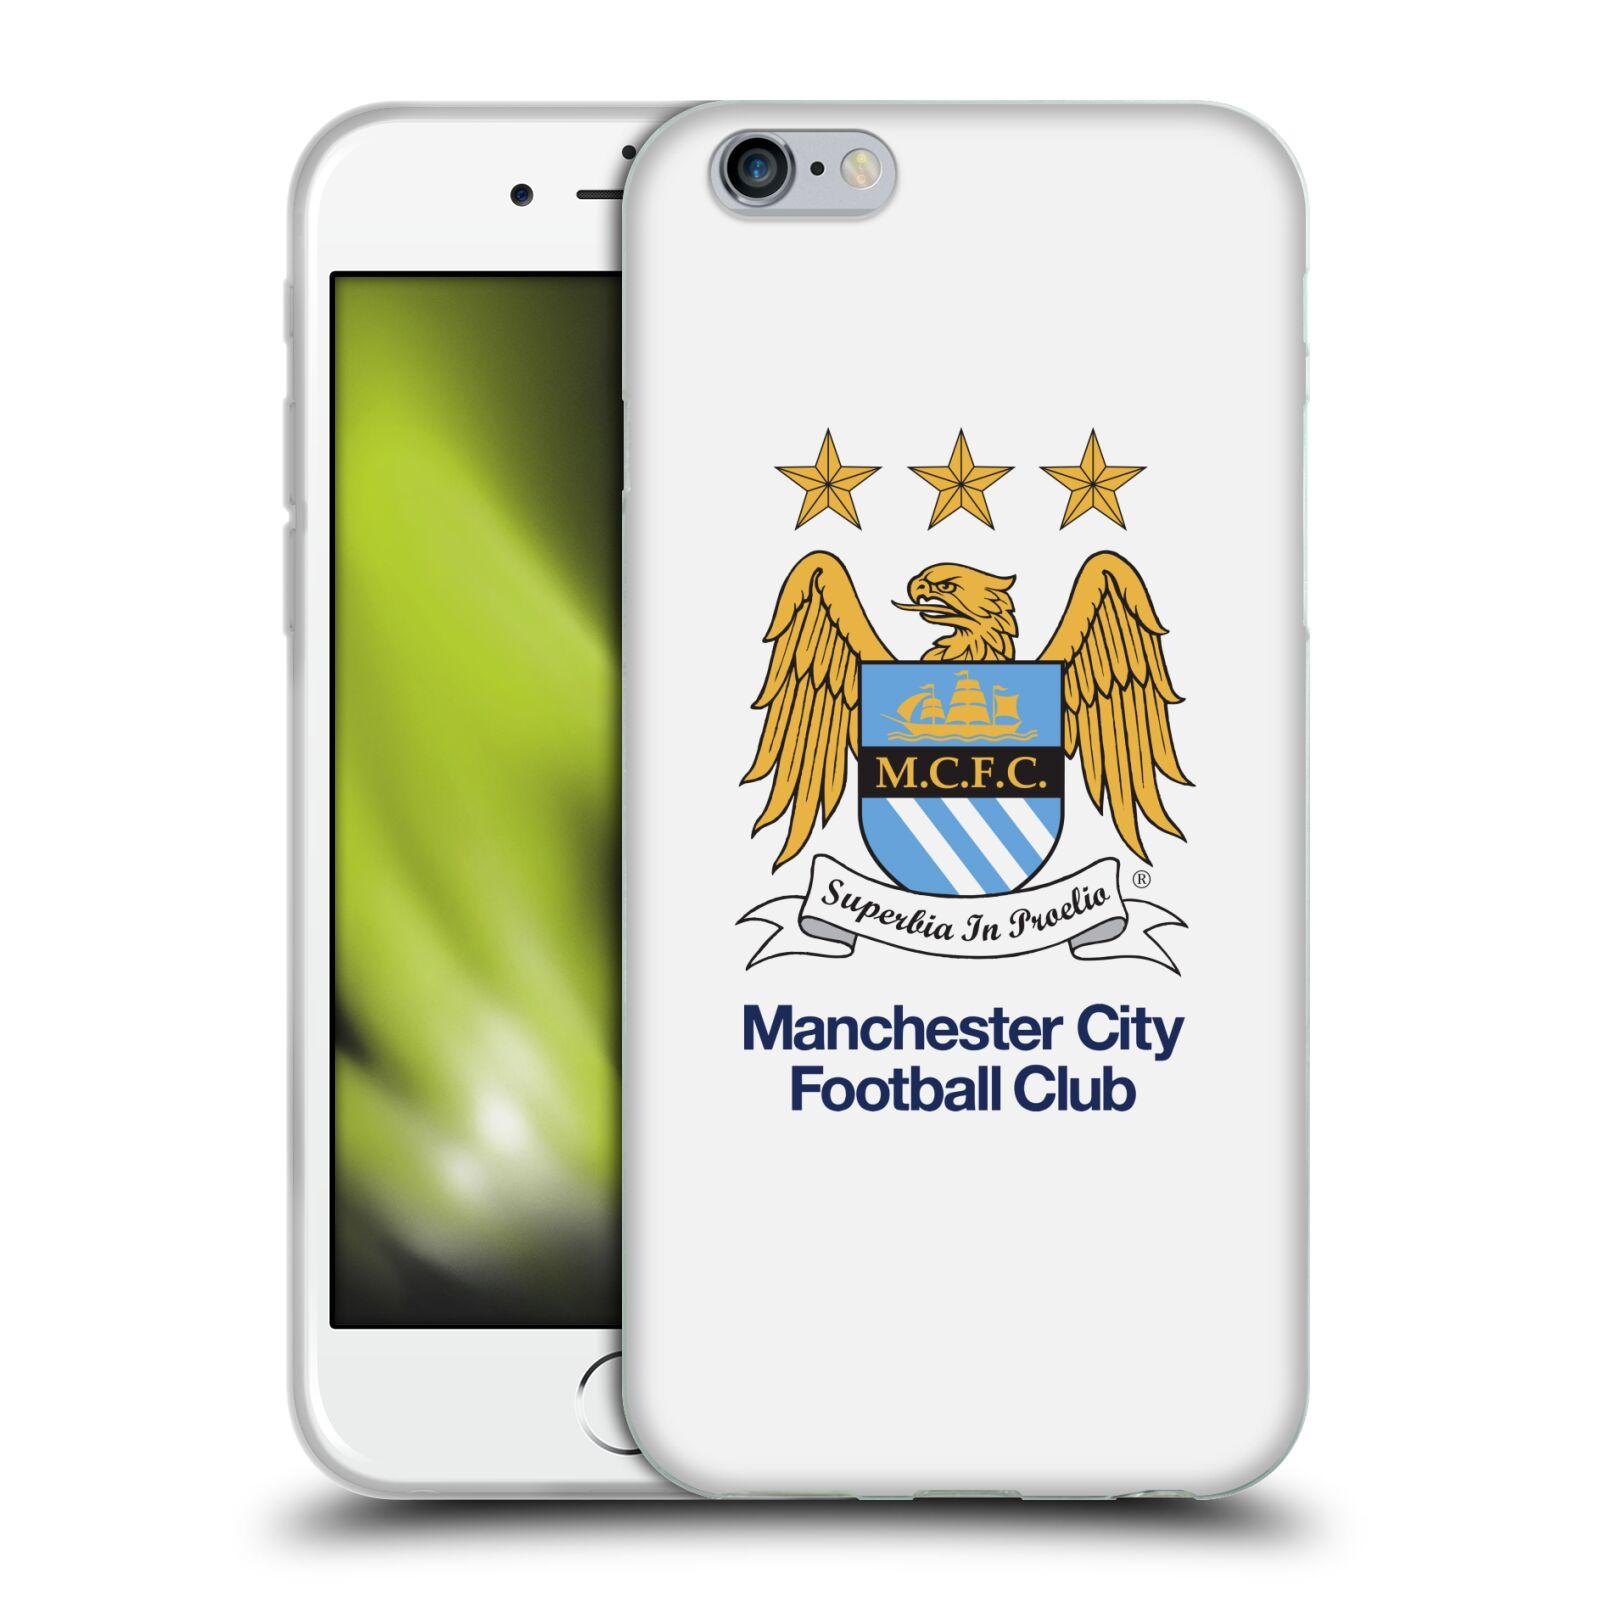 HEAD CASE silikonový obal na mobil Apple Iphone 6/6S Fotbalový klub Manchester City bílé pozadí velký znak pták